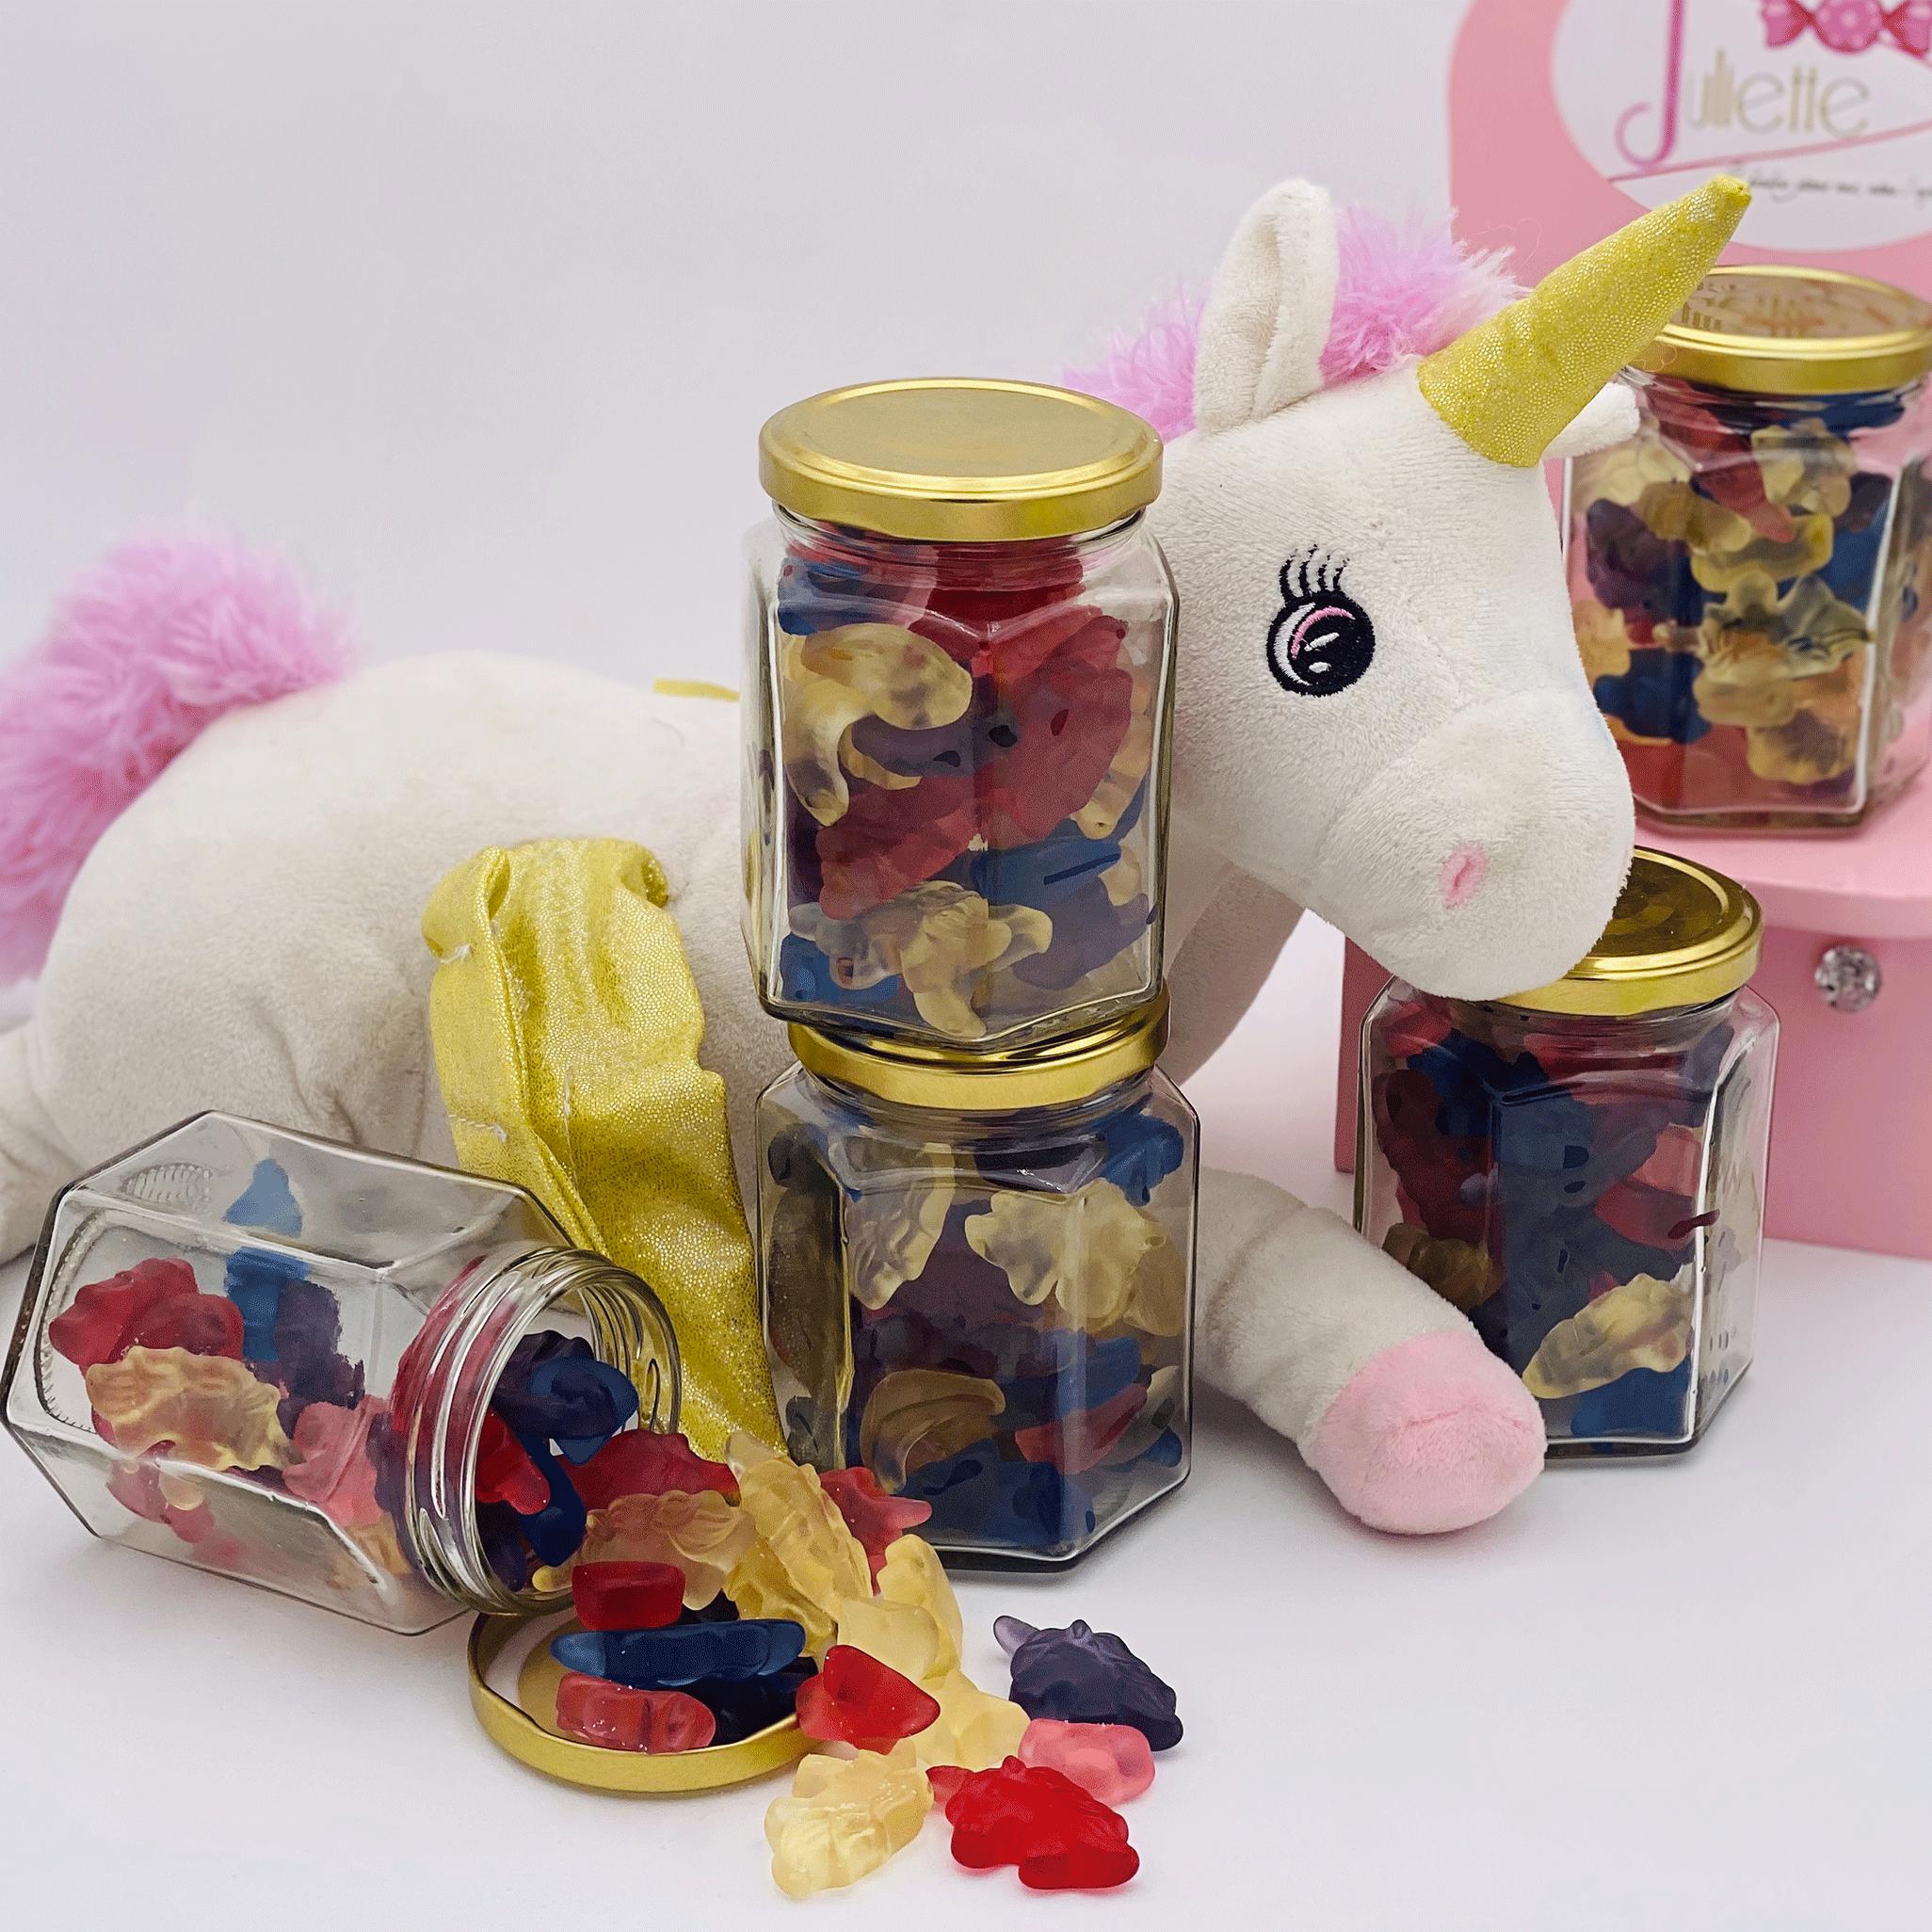 bonbonnière love licorne